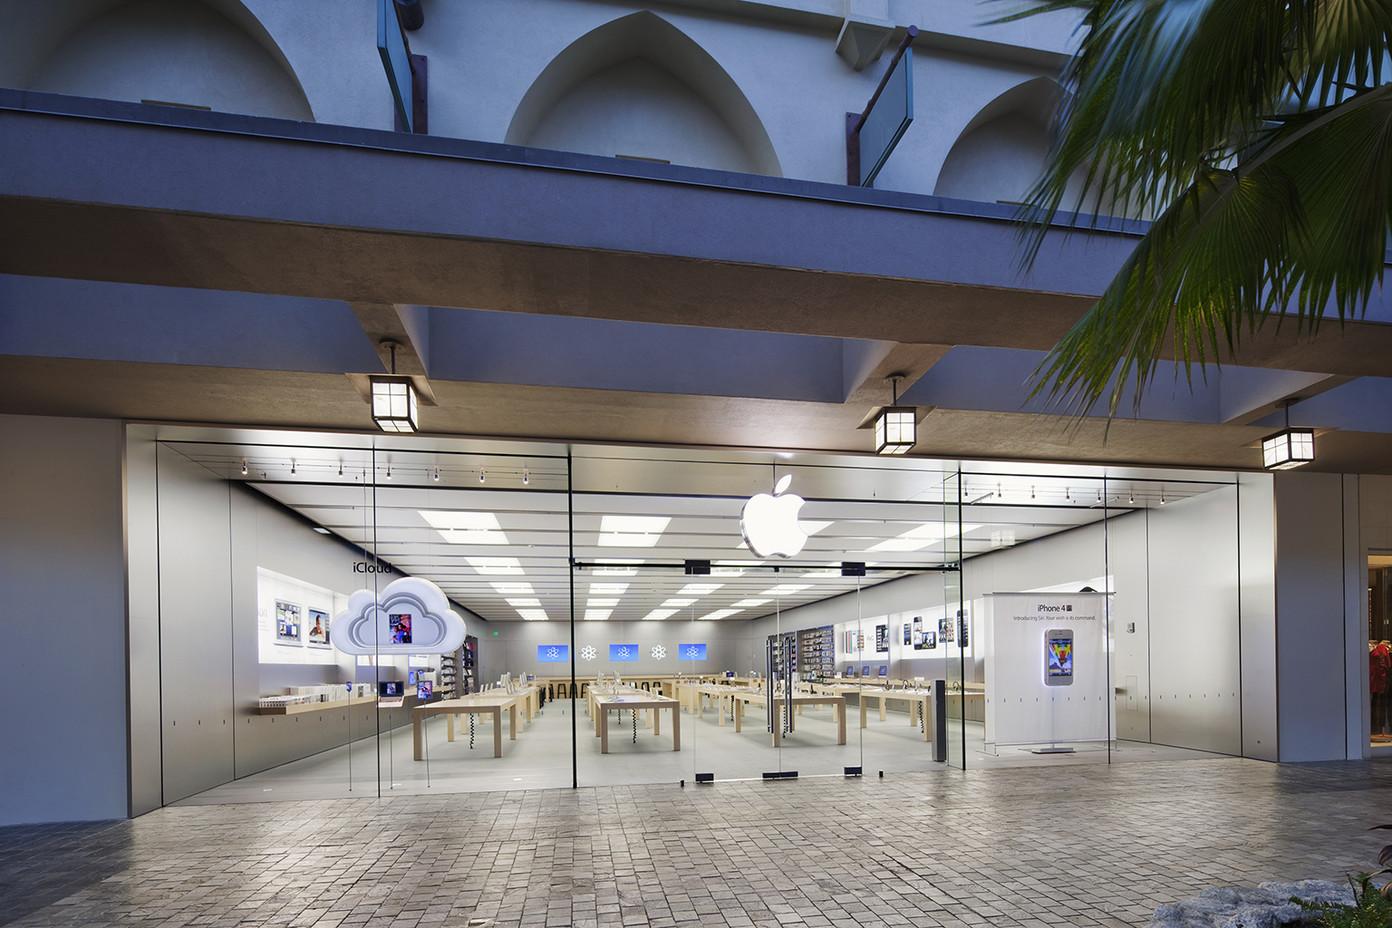 Apple retail store location at Ala Moana.